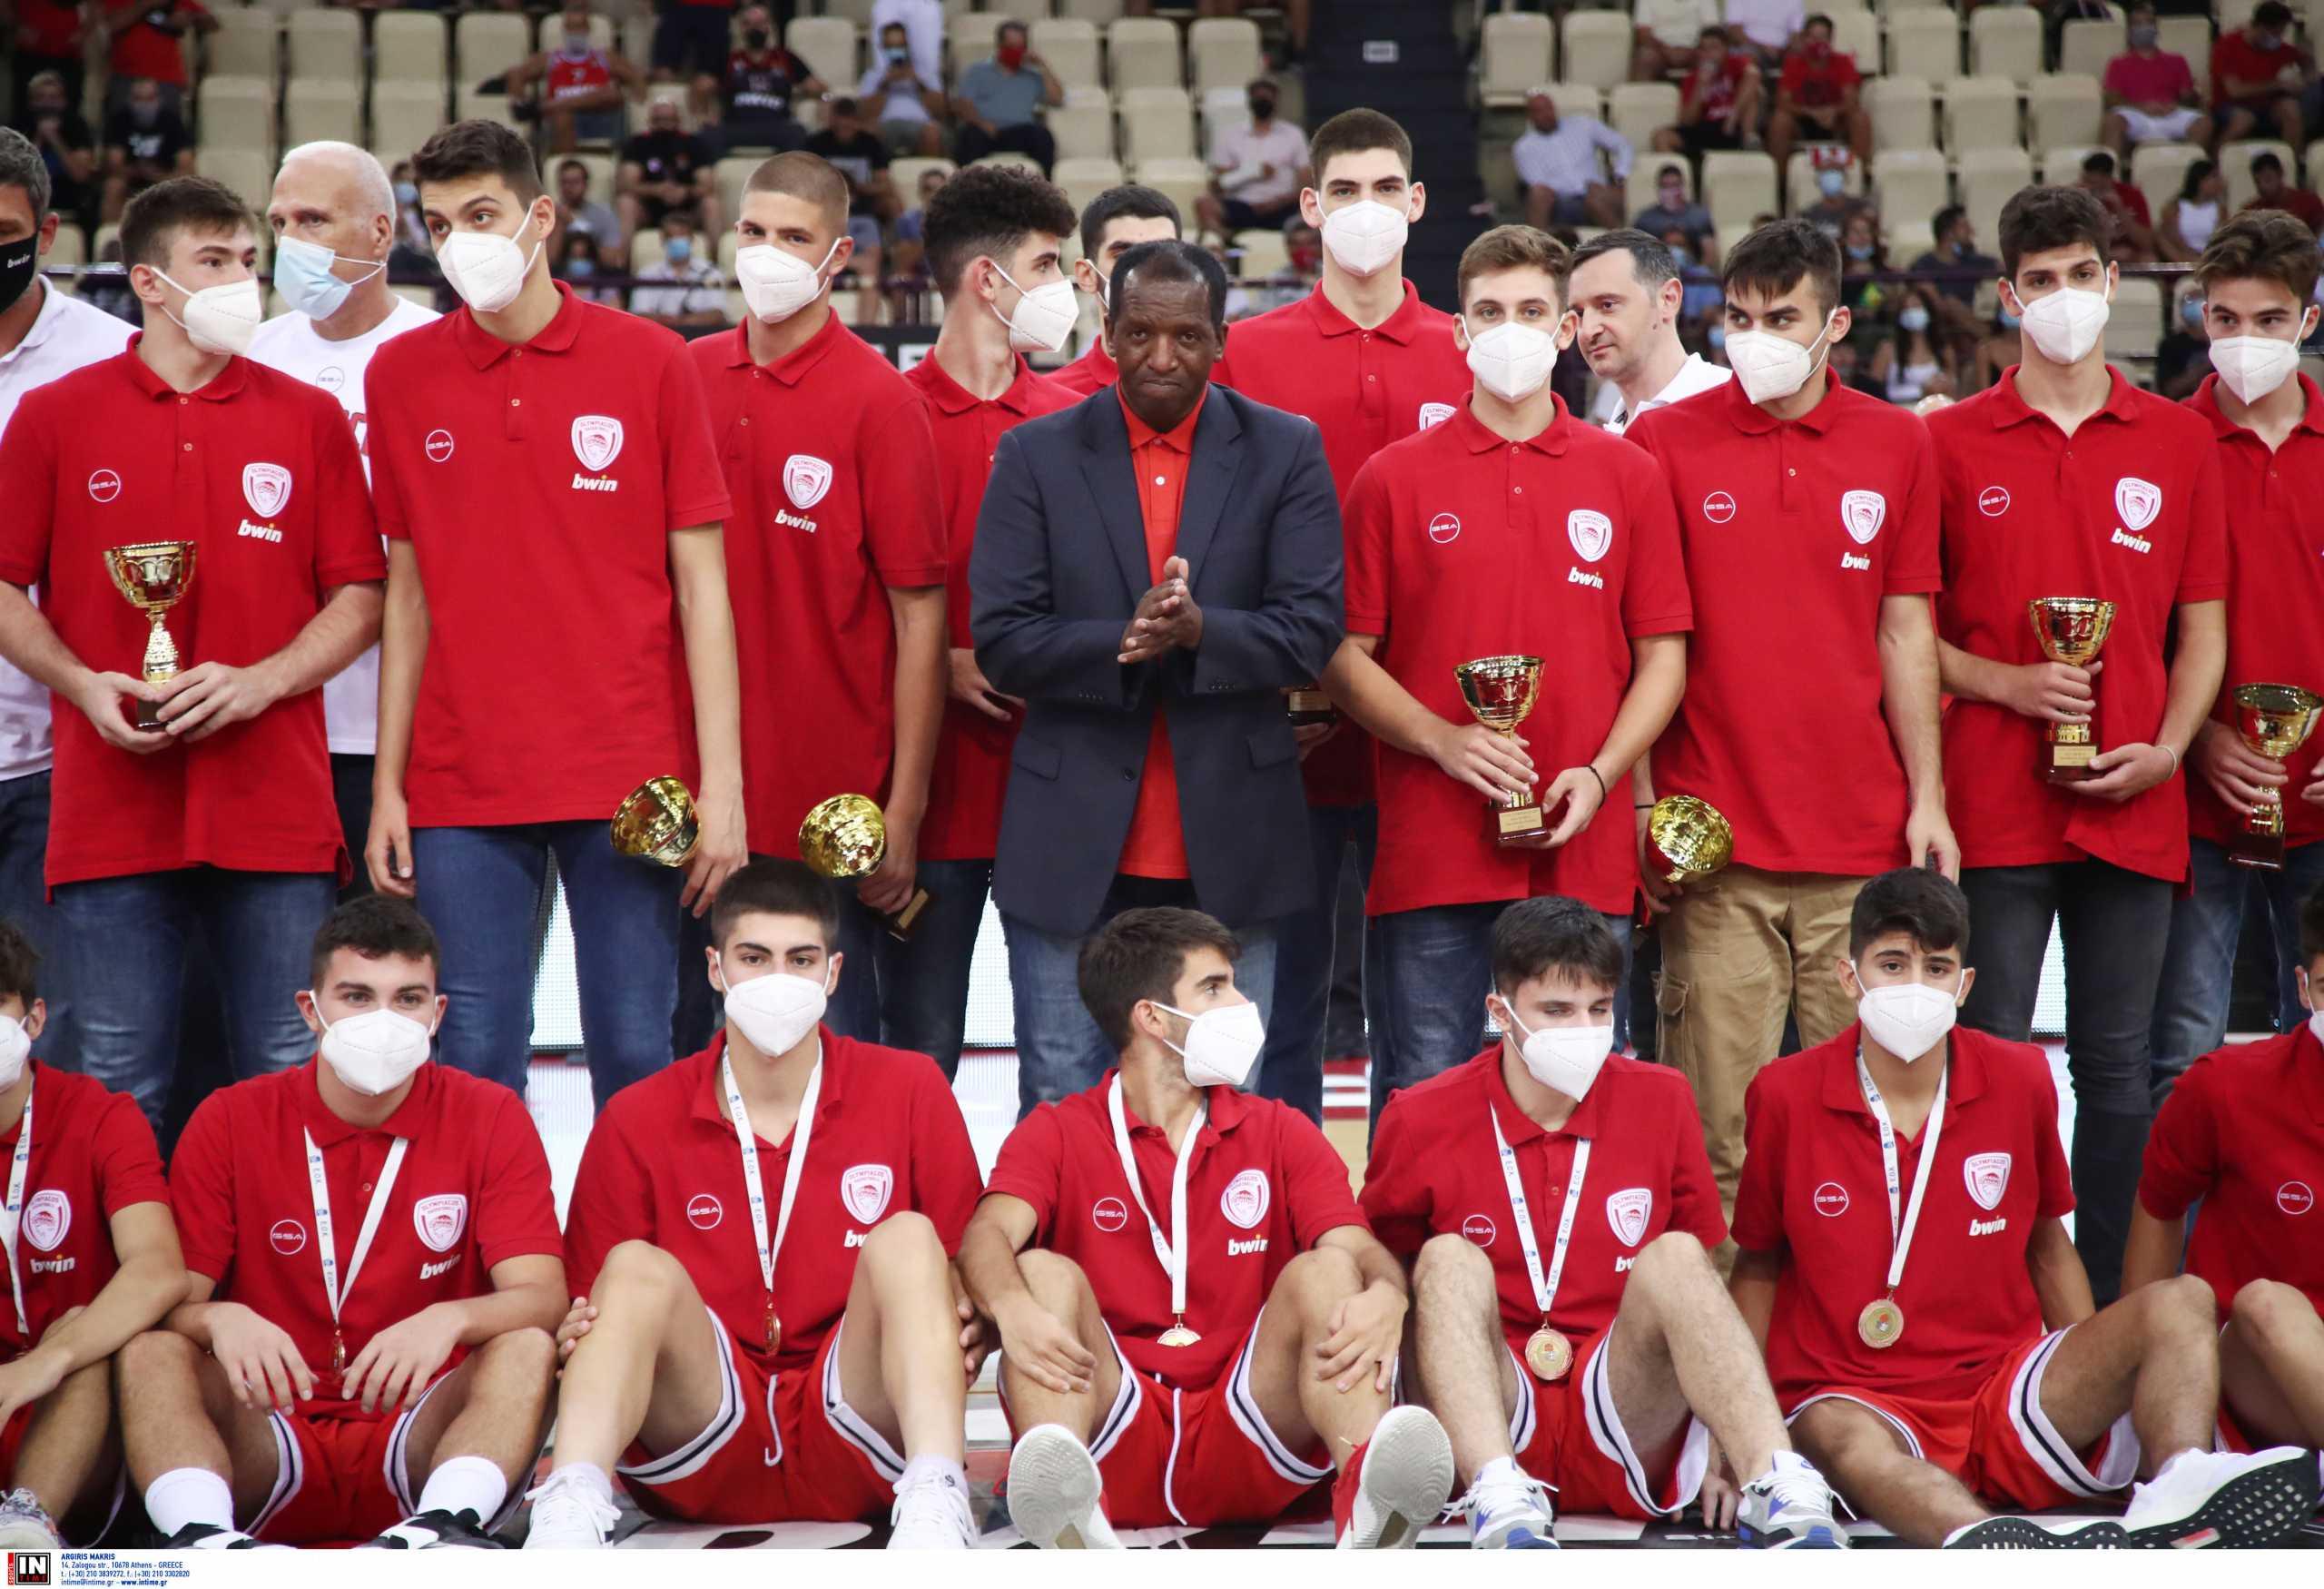 Ολυμπιακός: Στο ΣΕΦ ο Ντέιβιντ Ρίβερς βράβευσε τους Έφηβους των Πειραιωτών